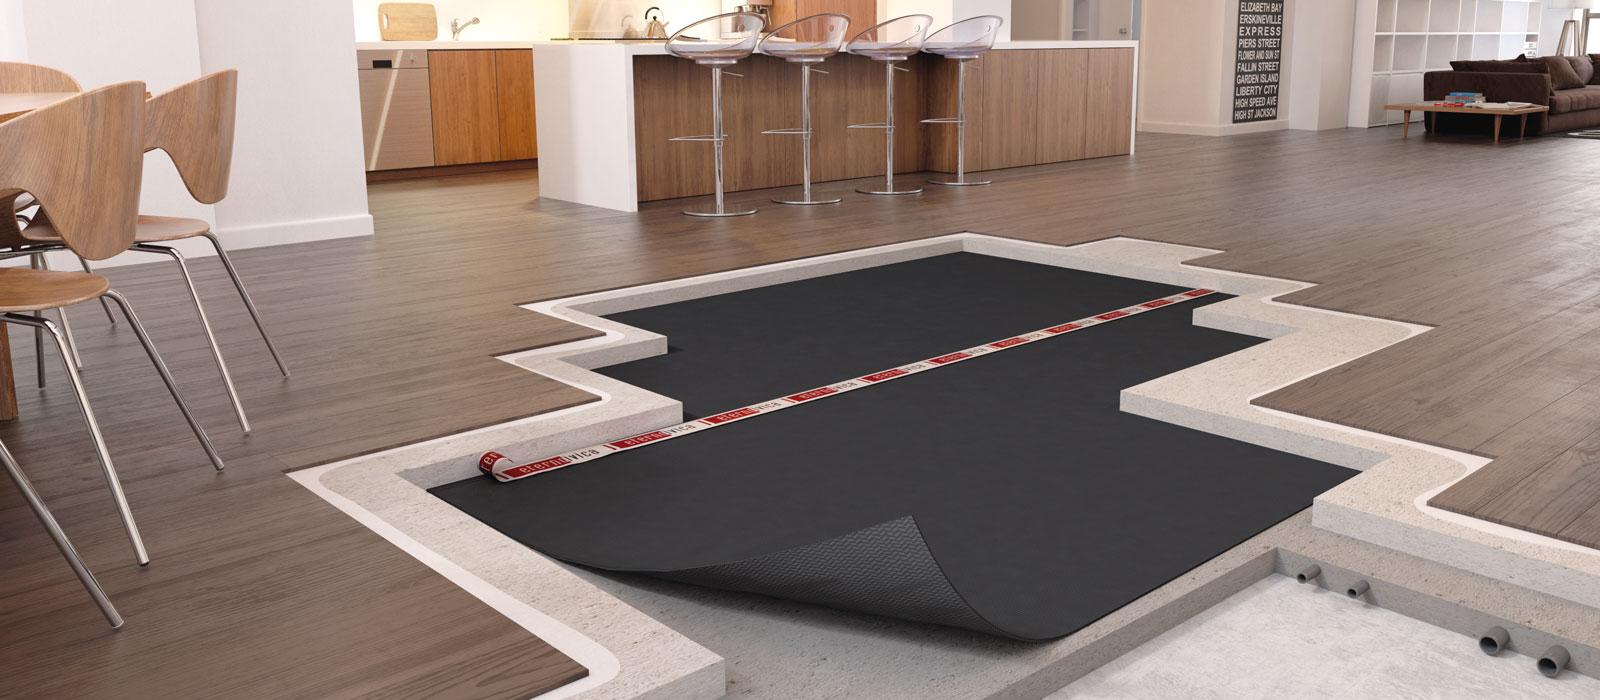 Battiscopa Staccato Dal Pavimento calpestio: come ridurre i rumori da impatto | acustica